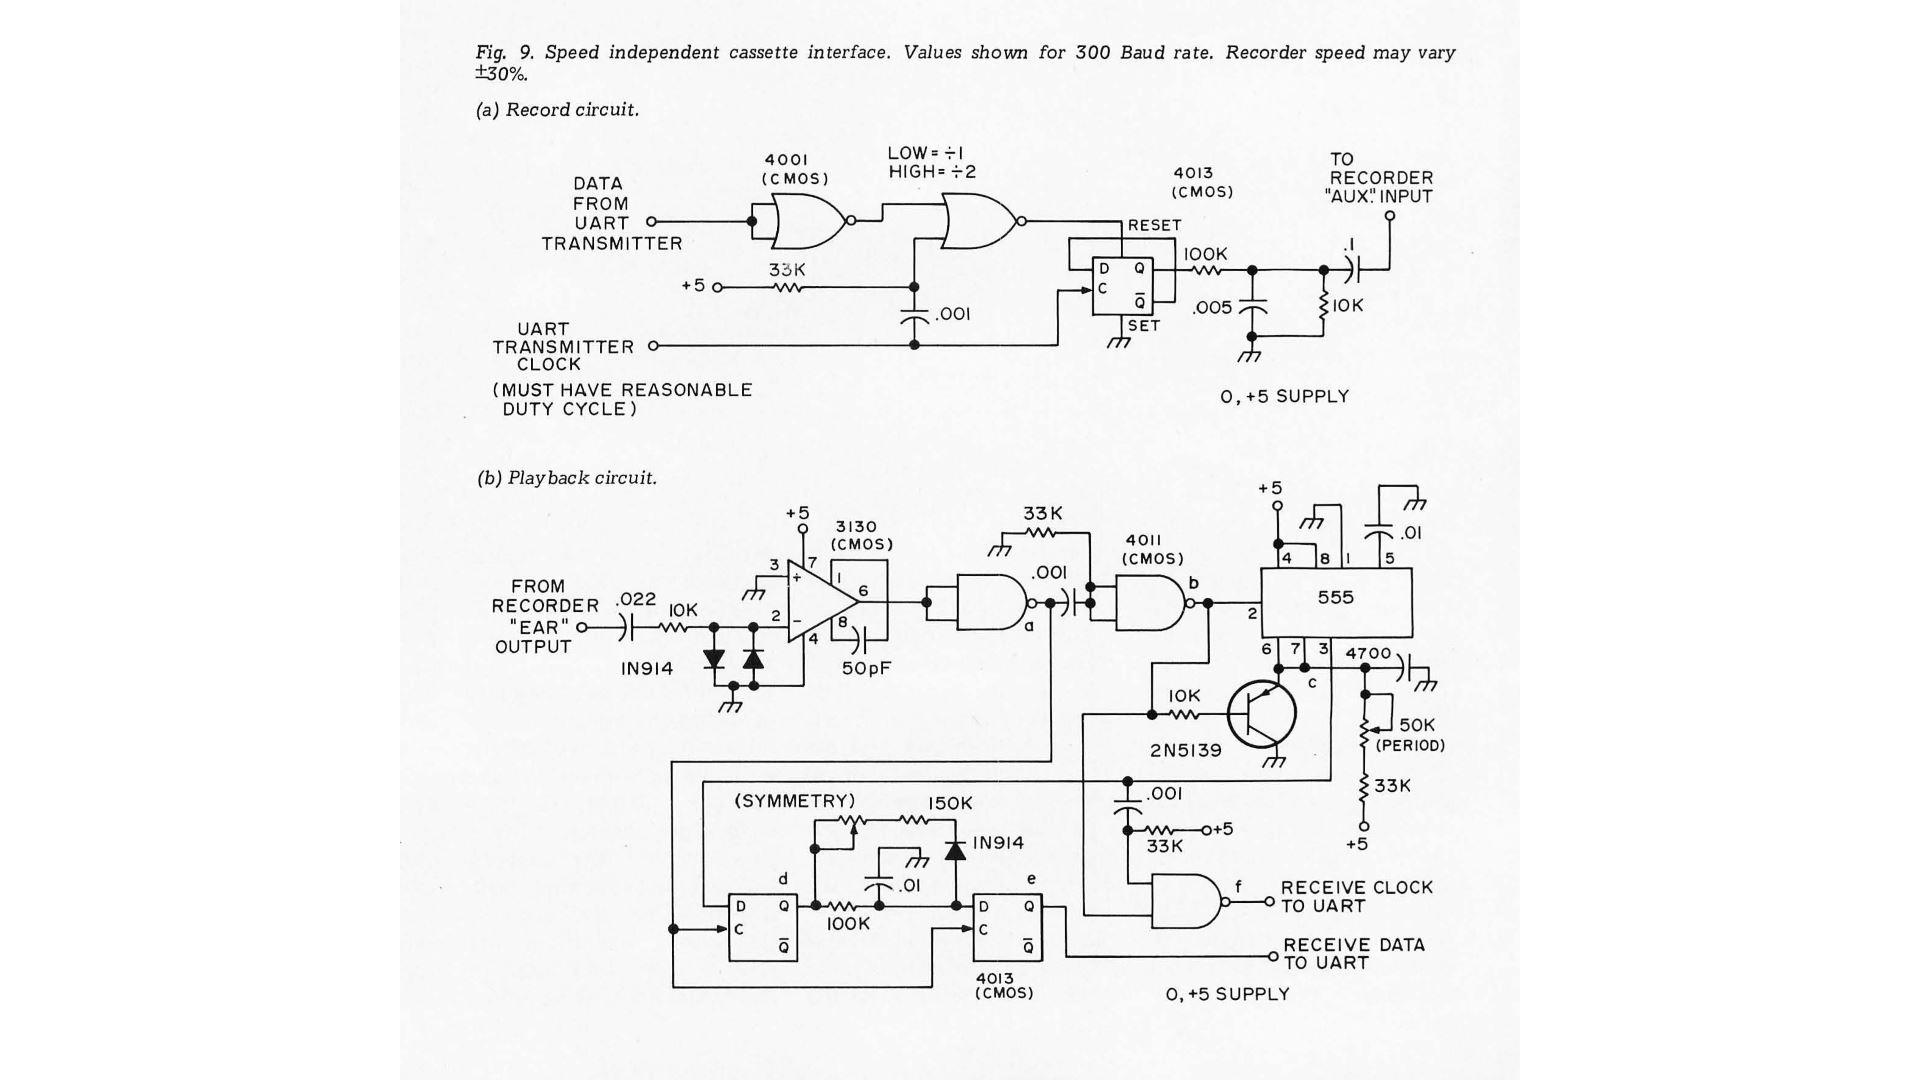 Независимый от скорости кассетный интерфейс. Значения указаны для скорости 300 БОД. Скорость рекордера может колебаться в интервале +/–30%.